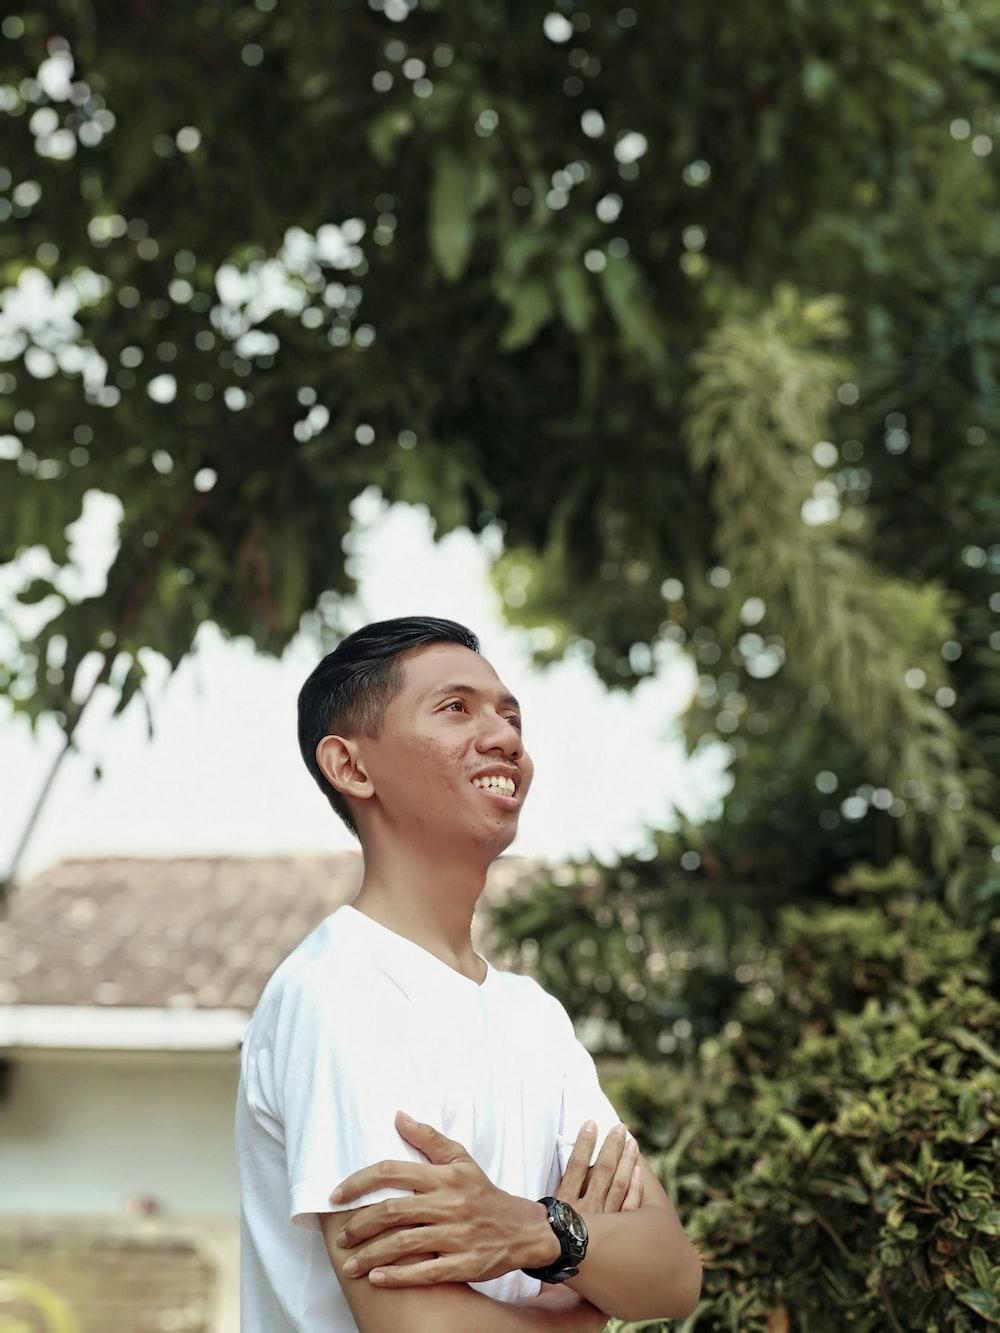 men wearing white shirt near trees